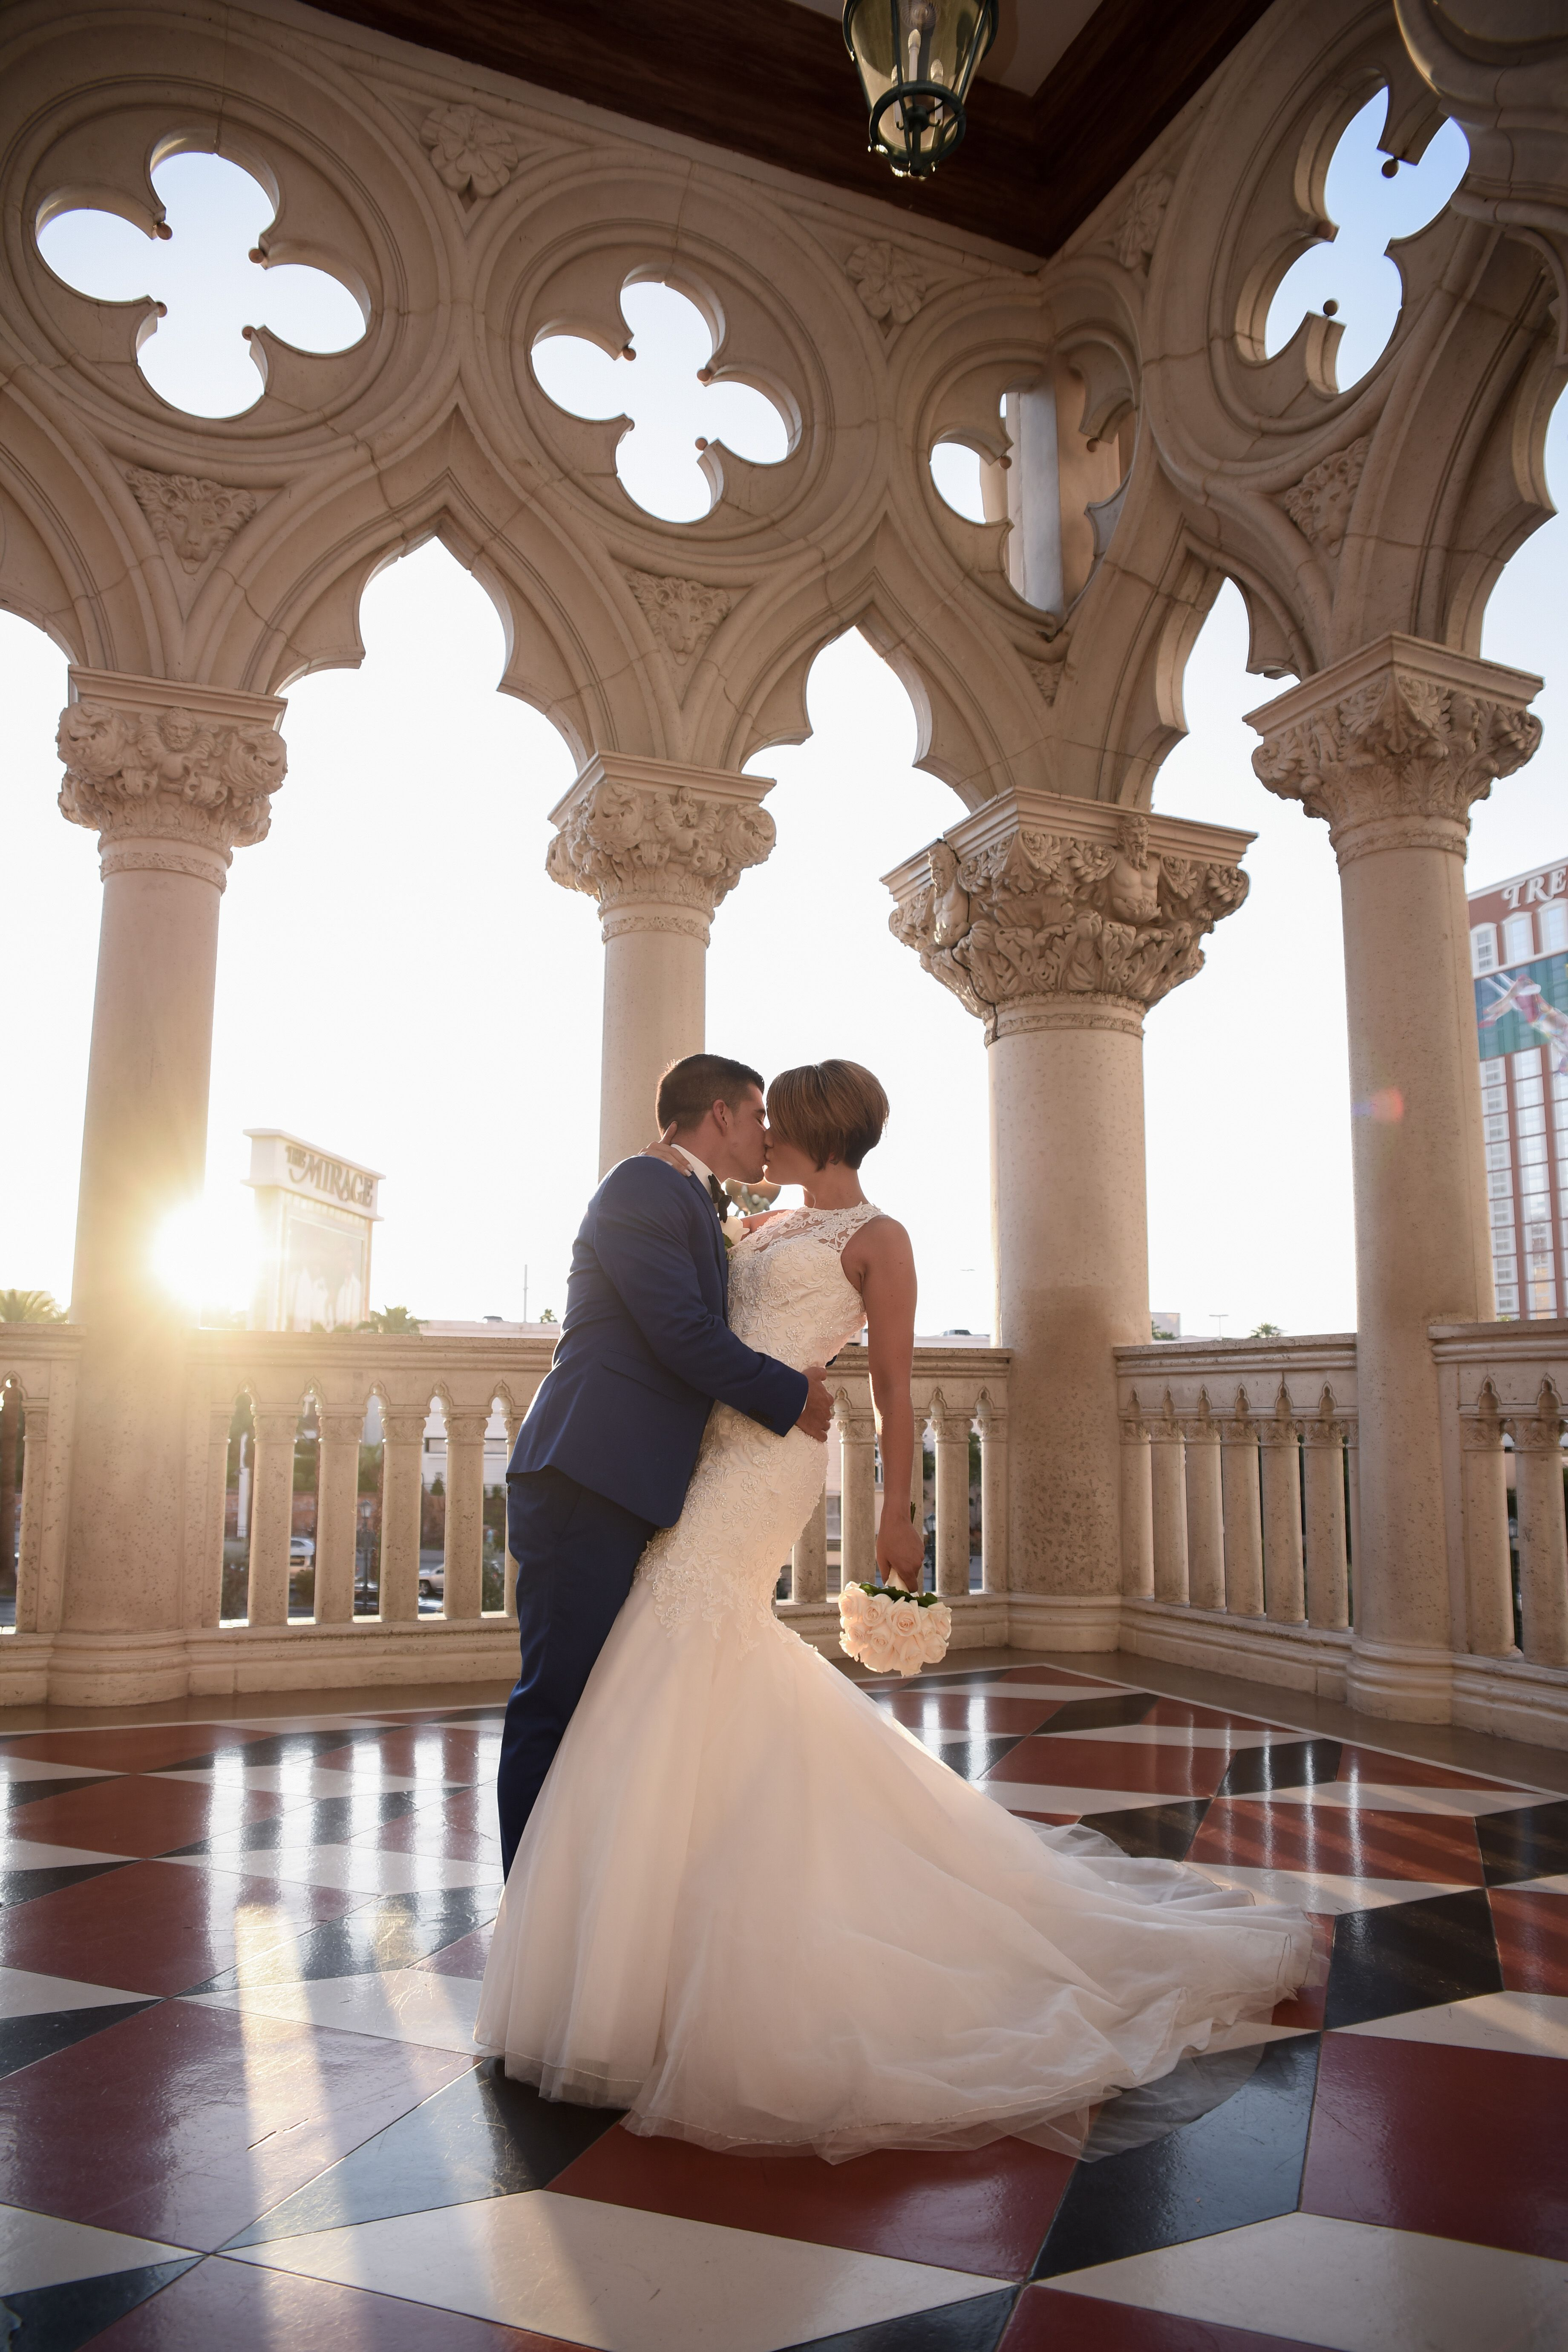 Wedding Photo Ideas For Las Vegas Do A Strip Shoot